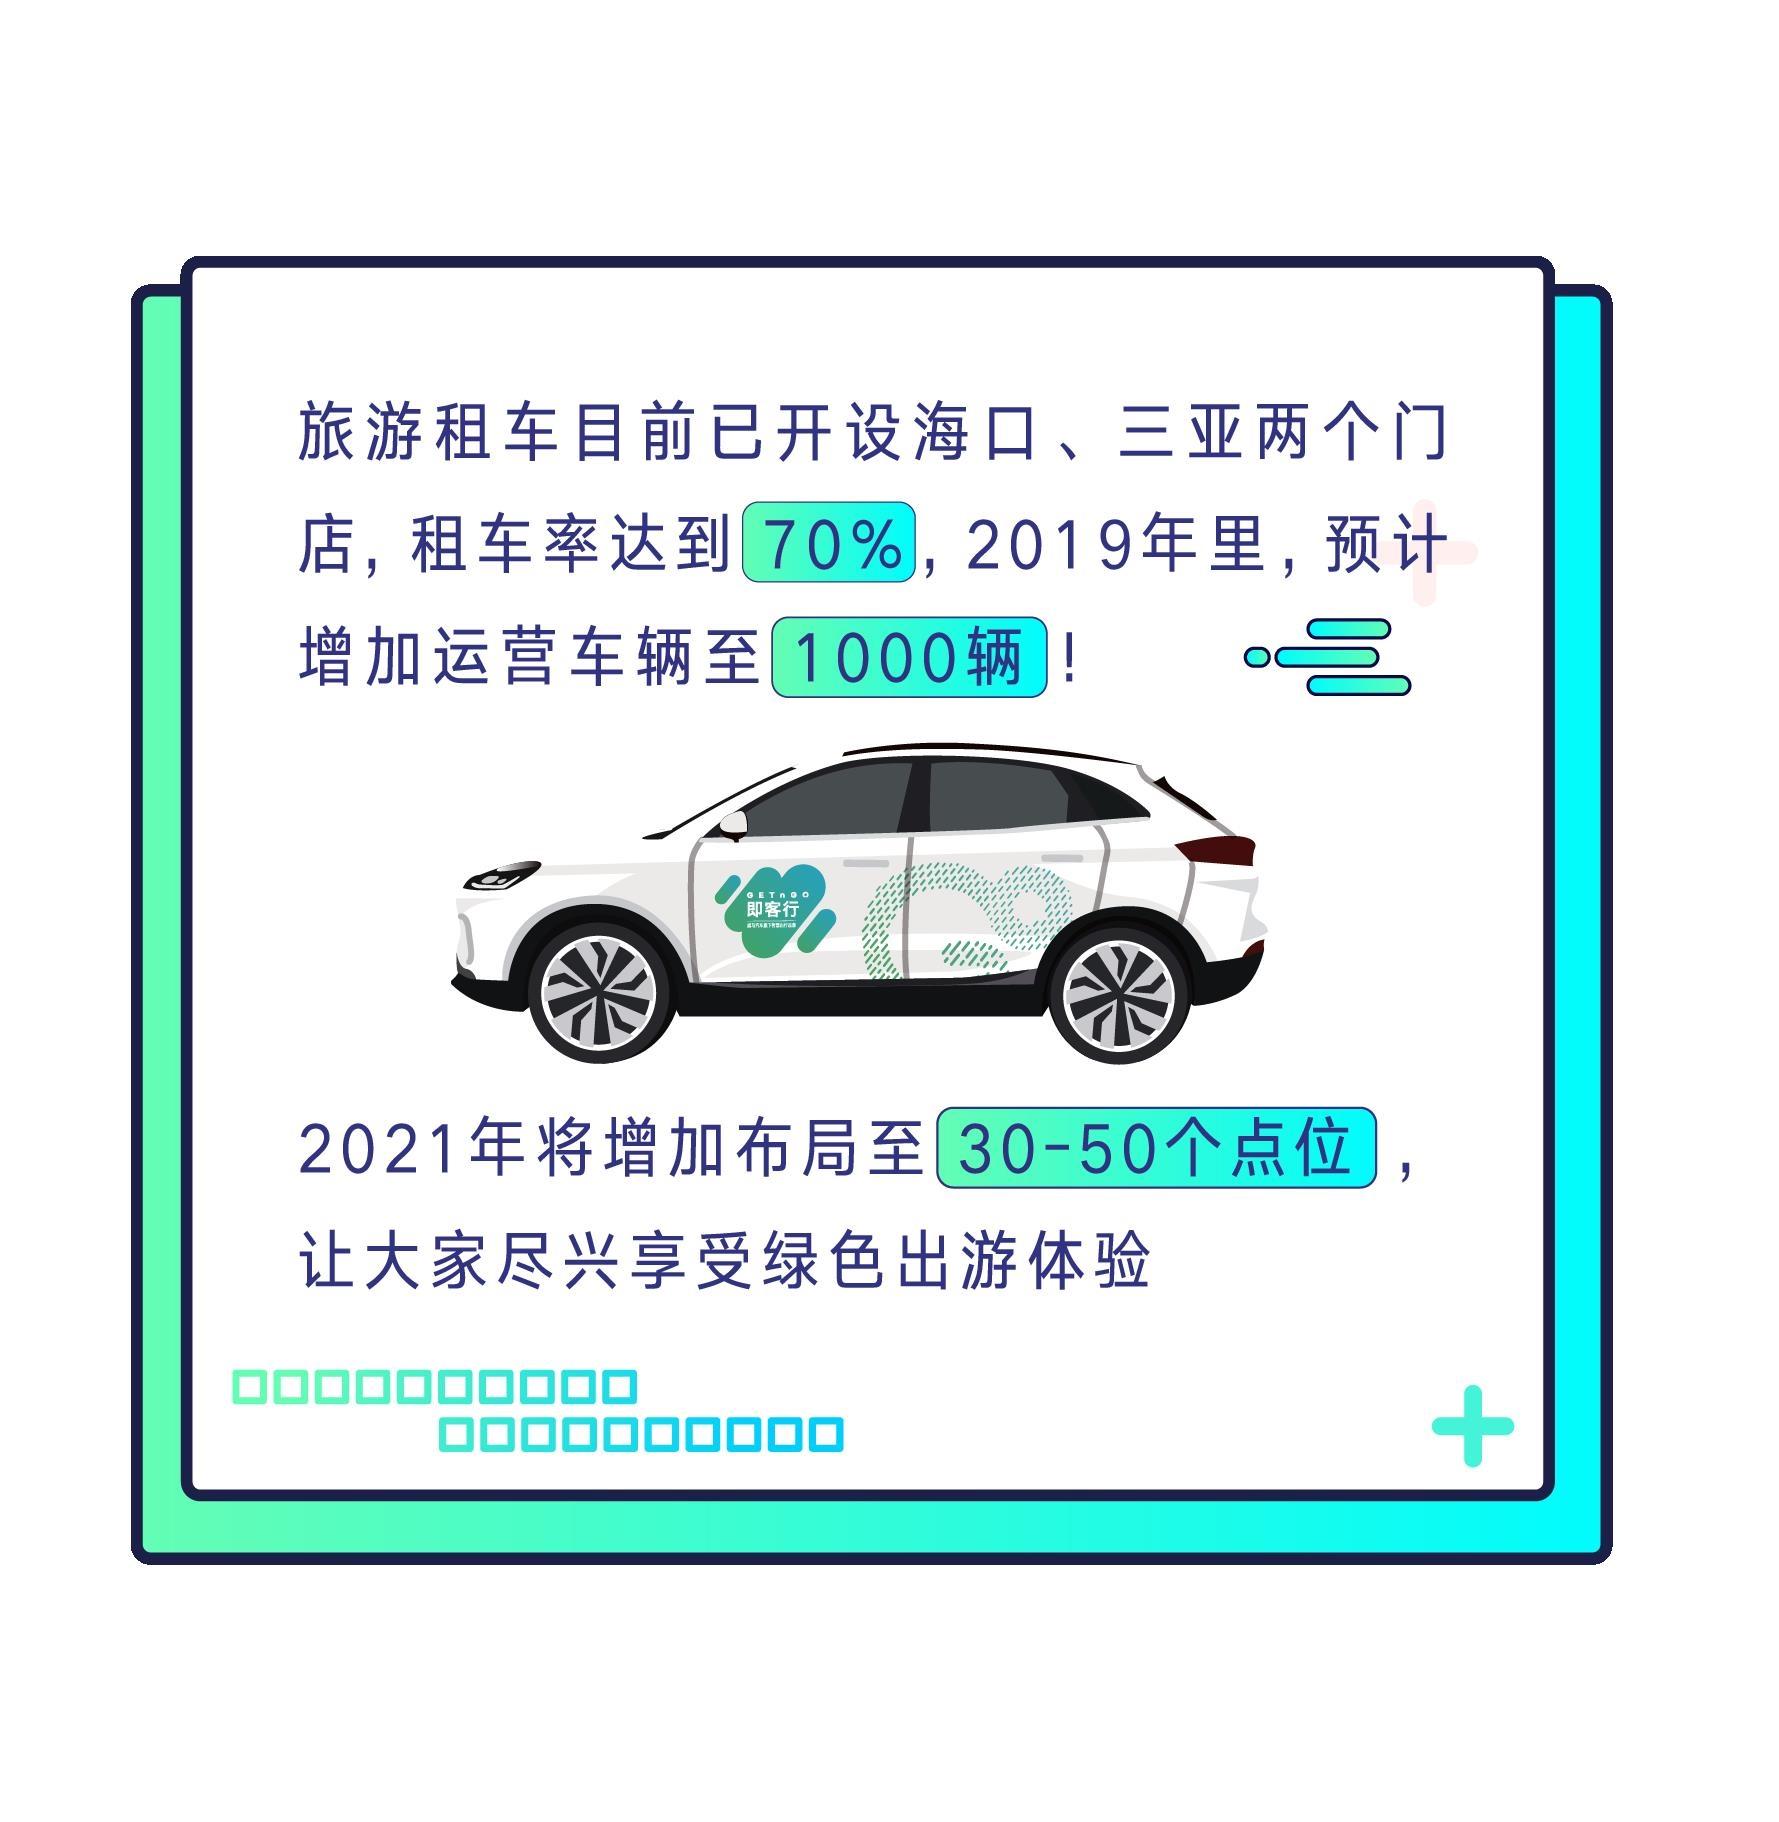 威马汽车即客行APP上线一周年 四大业务布局构建智行新生态